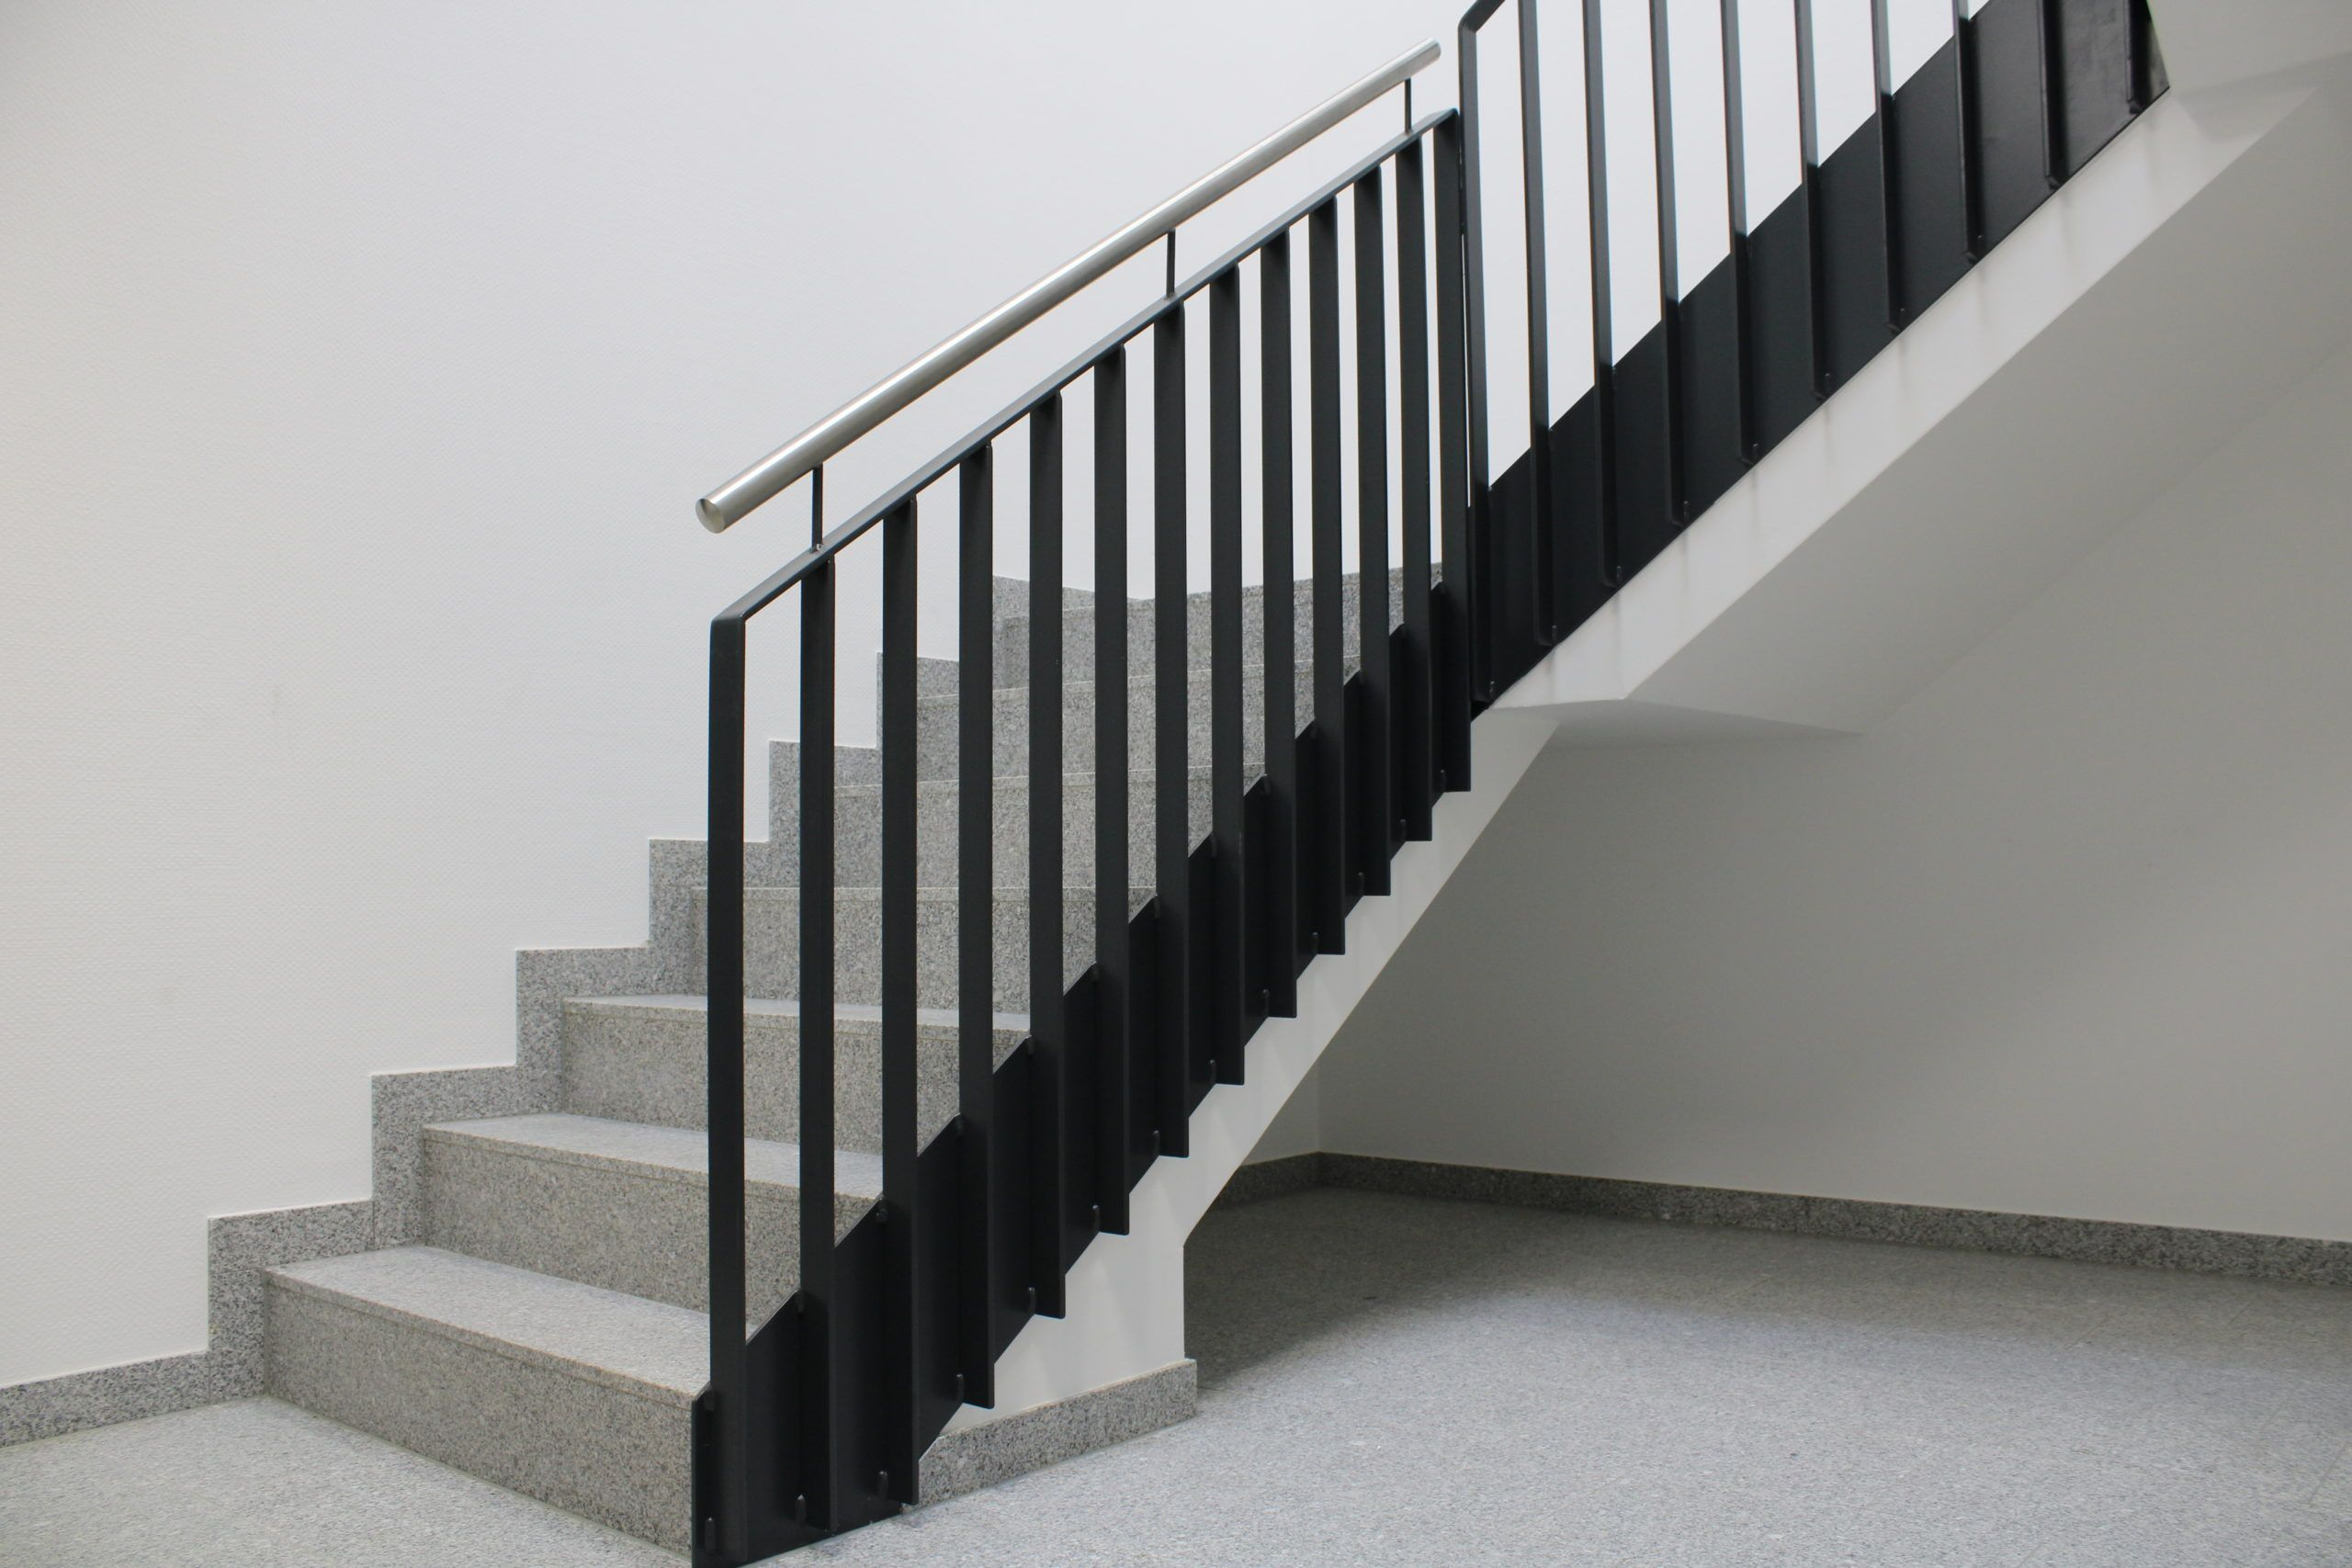 Treppengeländer mit aufrechten Flachstäben und Stahlwange in anthrazit mit Edelstahlhandlauf